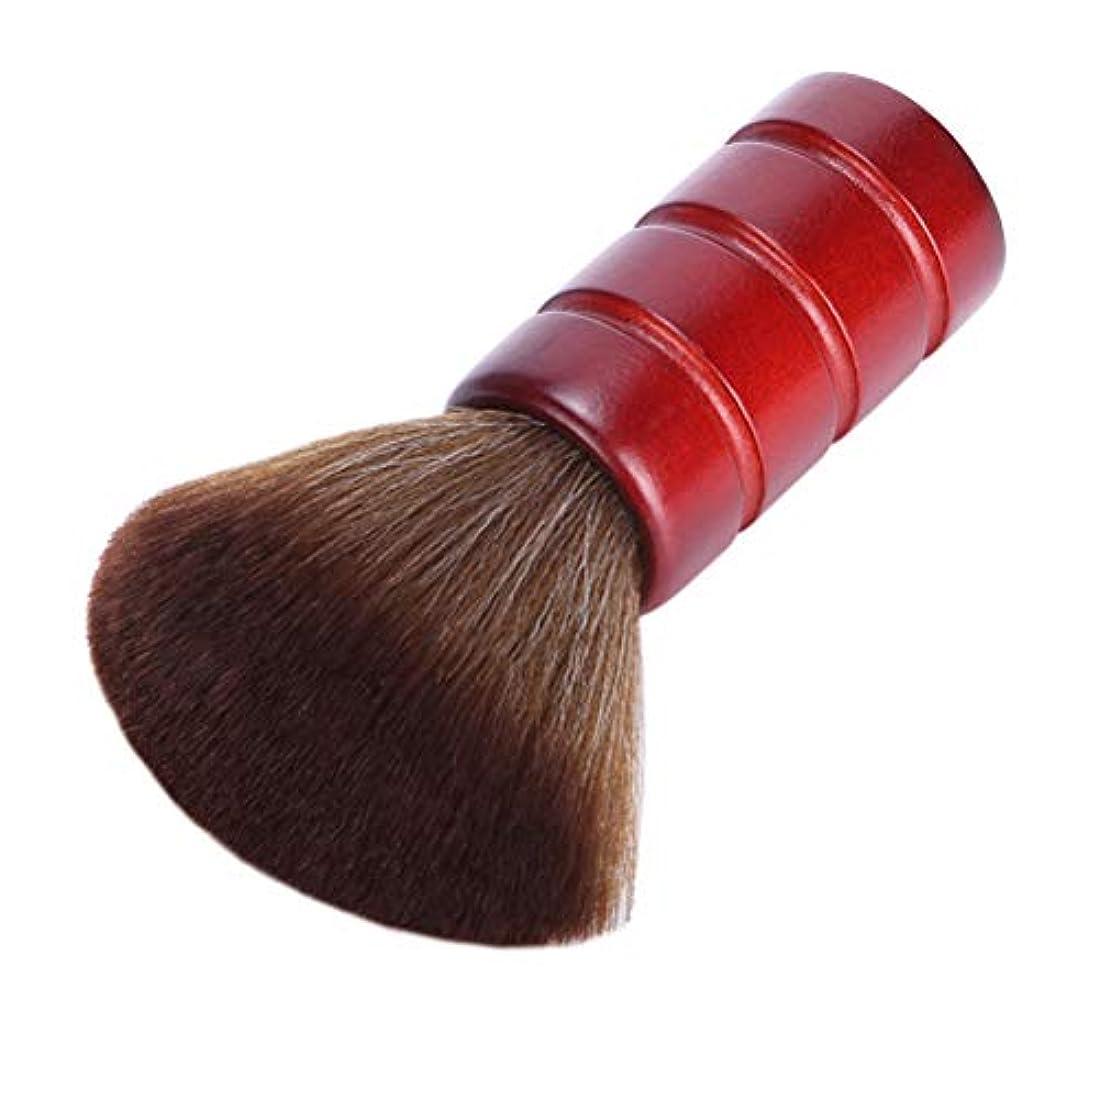 十一子豚手Lurroseプロフェッショナルヘアカットブラシソフトファイバーフェイスネックダスターブラシ理髪サロン理容ツール